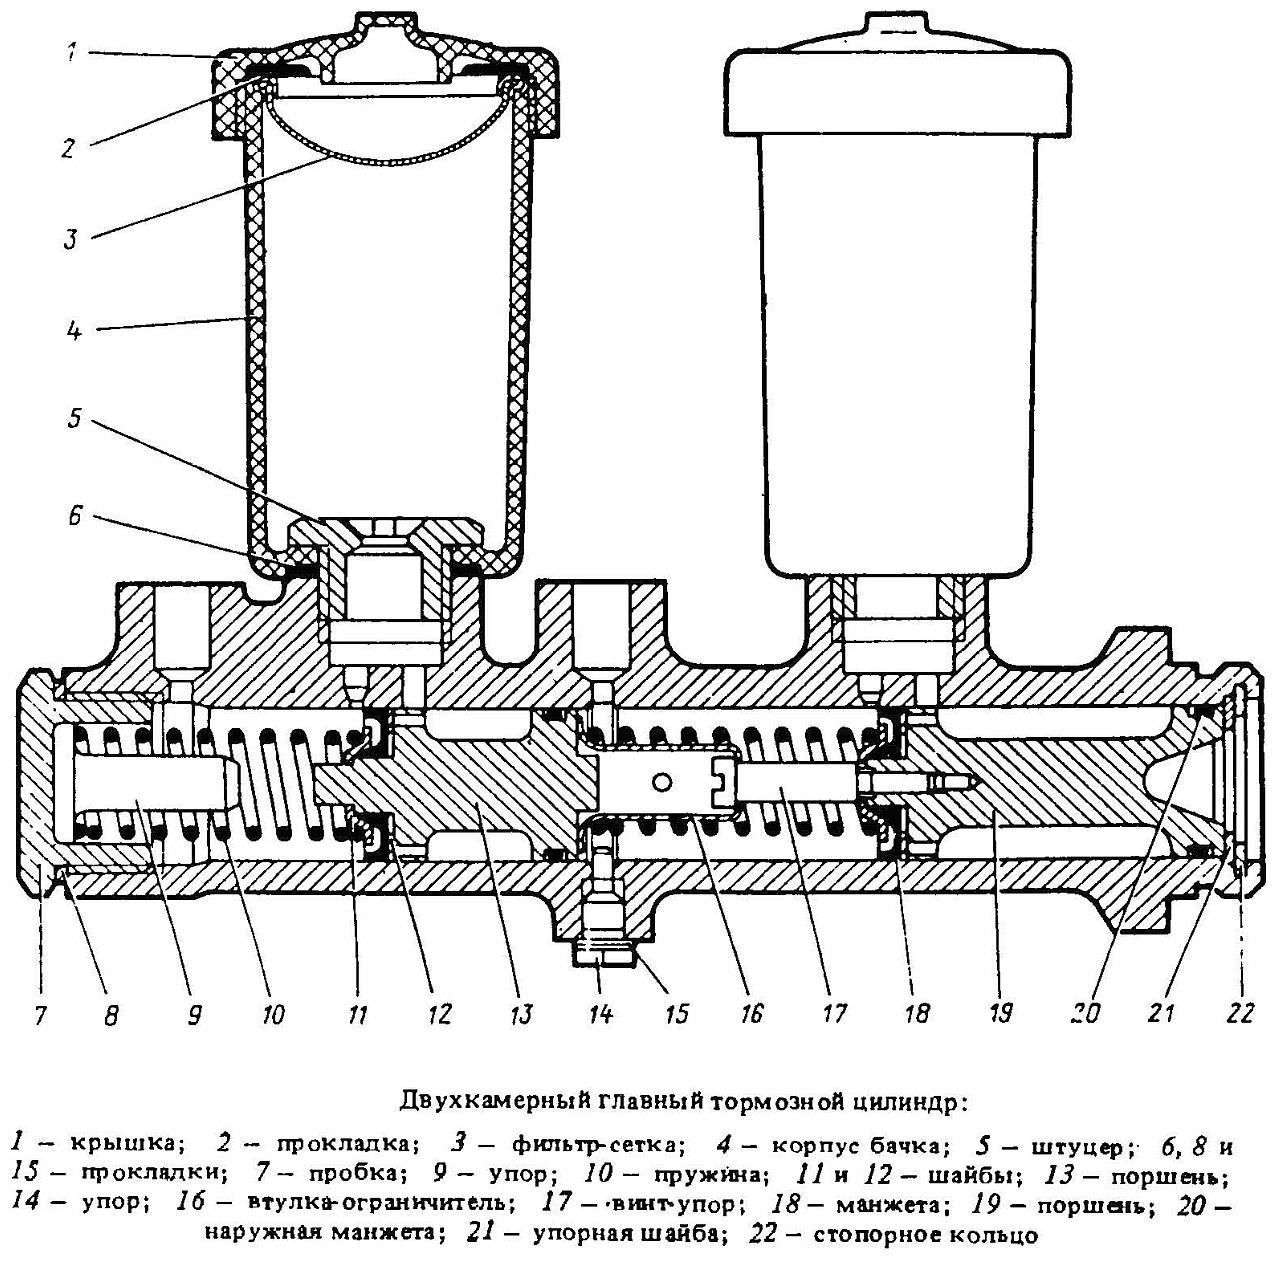 Схема работы главного тормозного цилиндра фото 136